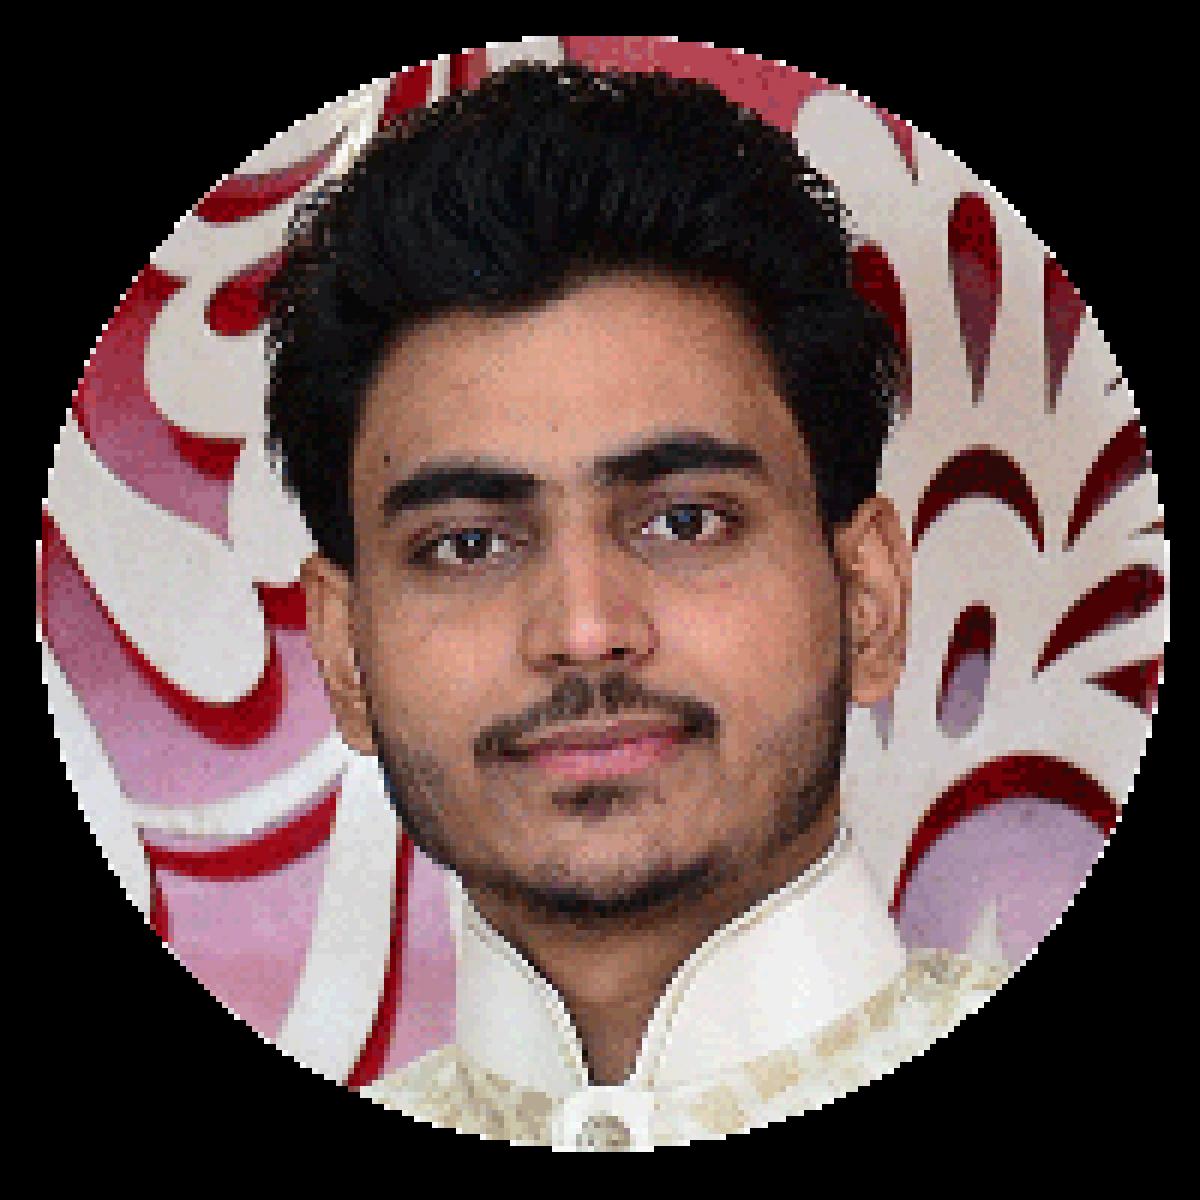 Rahul Kannaujiya